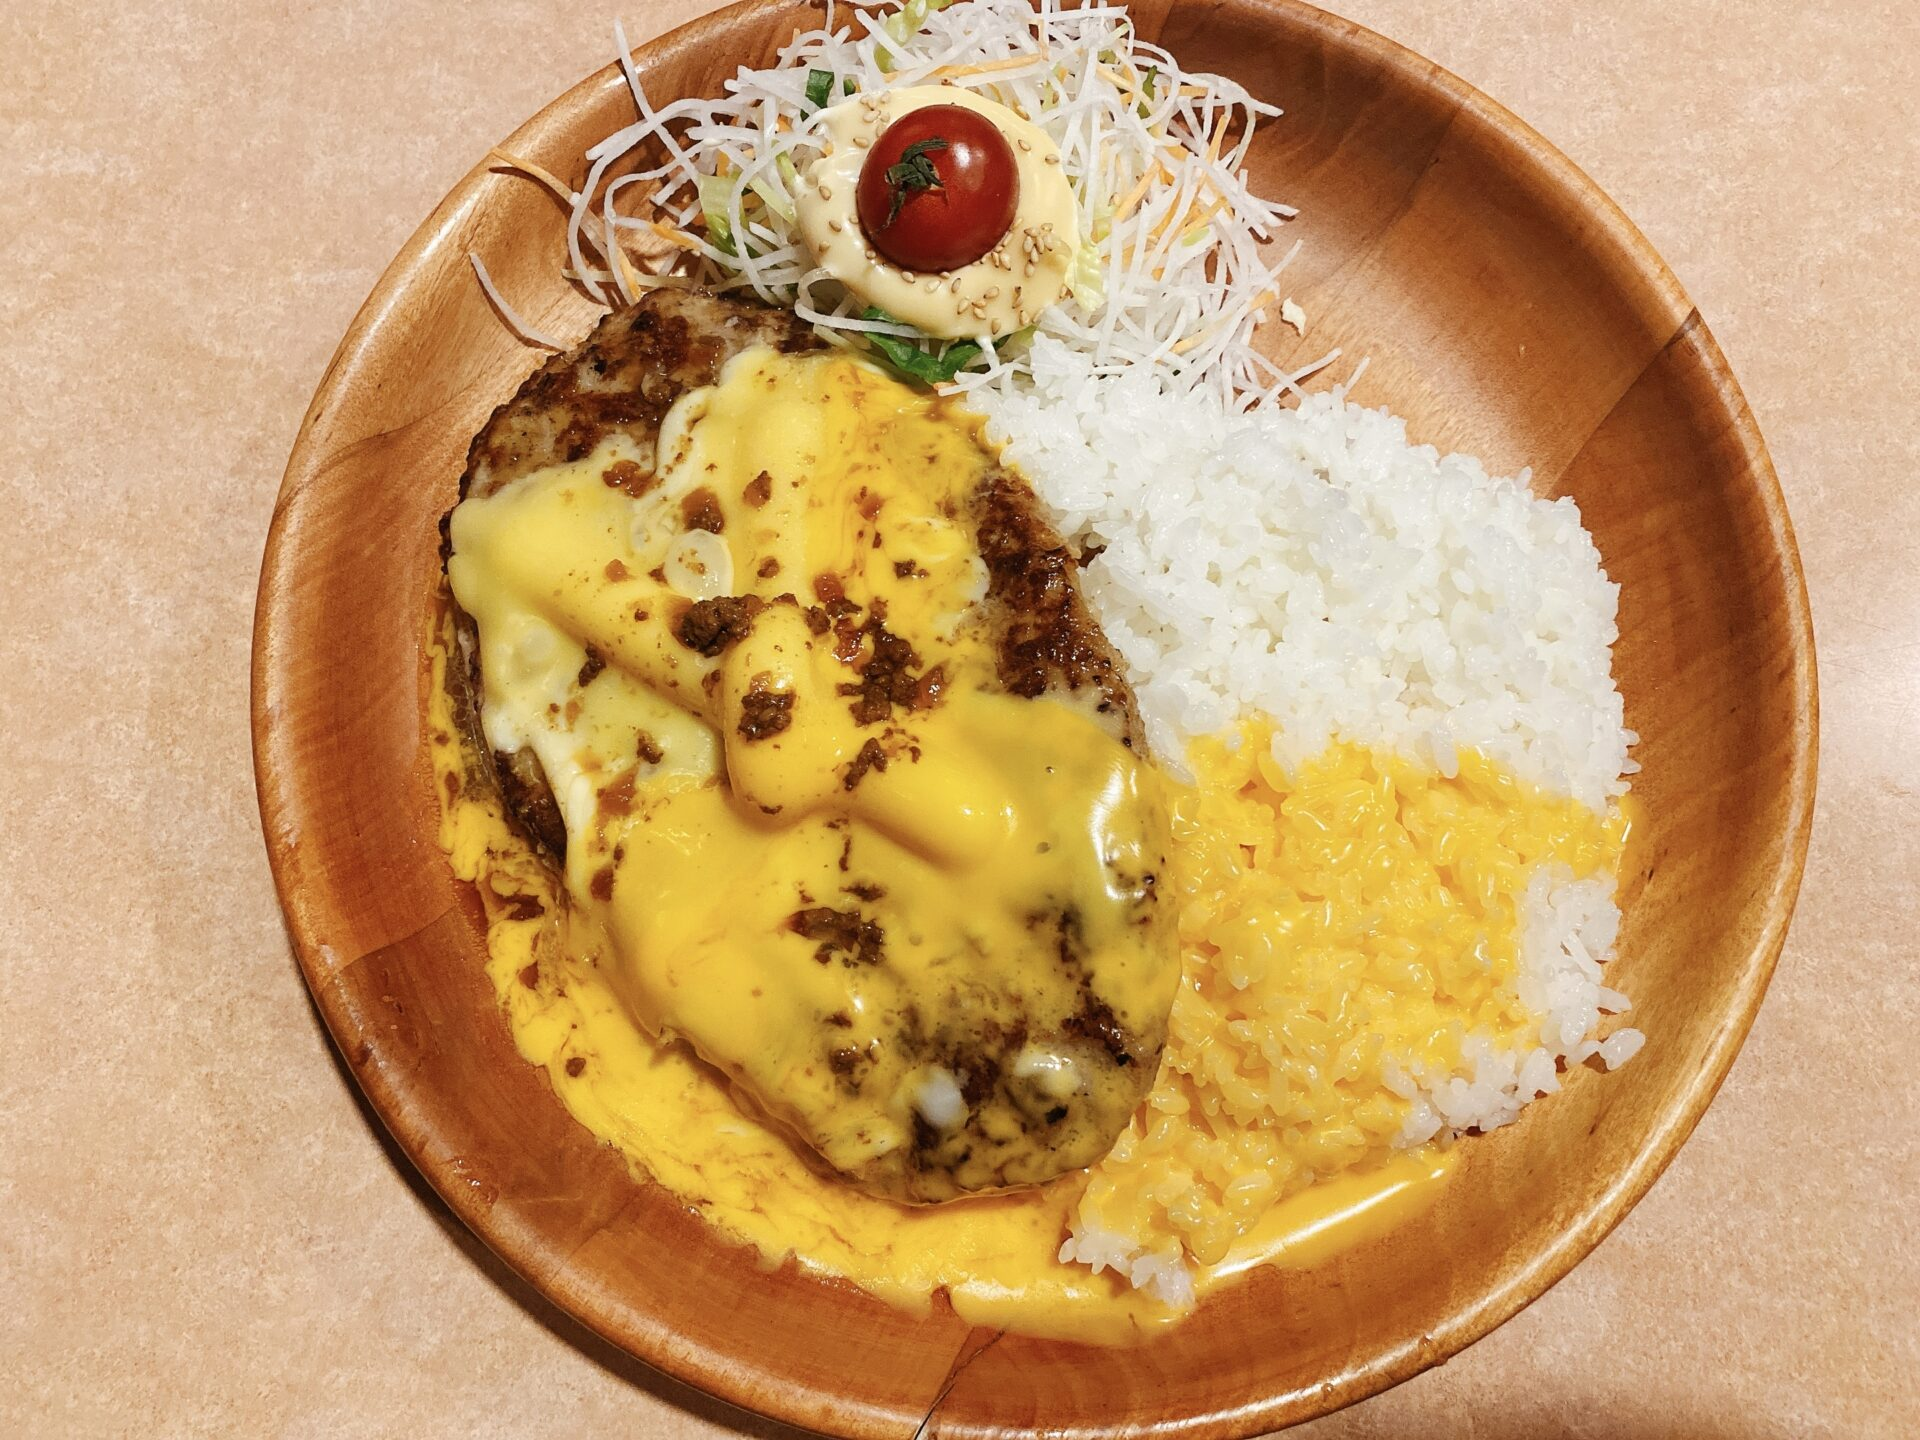 びっくりドンキー 青江店にて期間限定のチーズ三昧バーグディッシュで夕食タイム!チーズ大好き!!